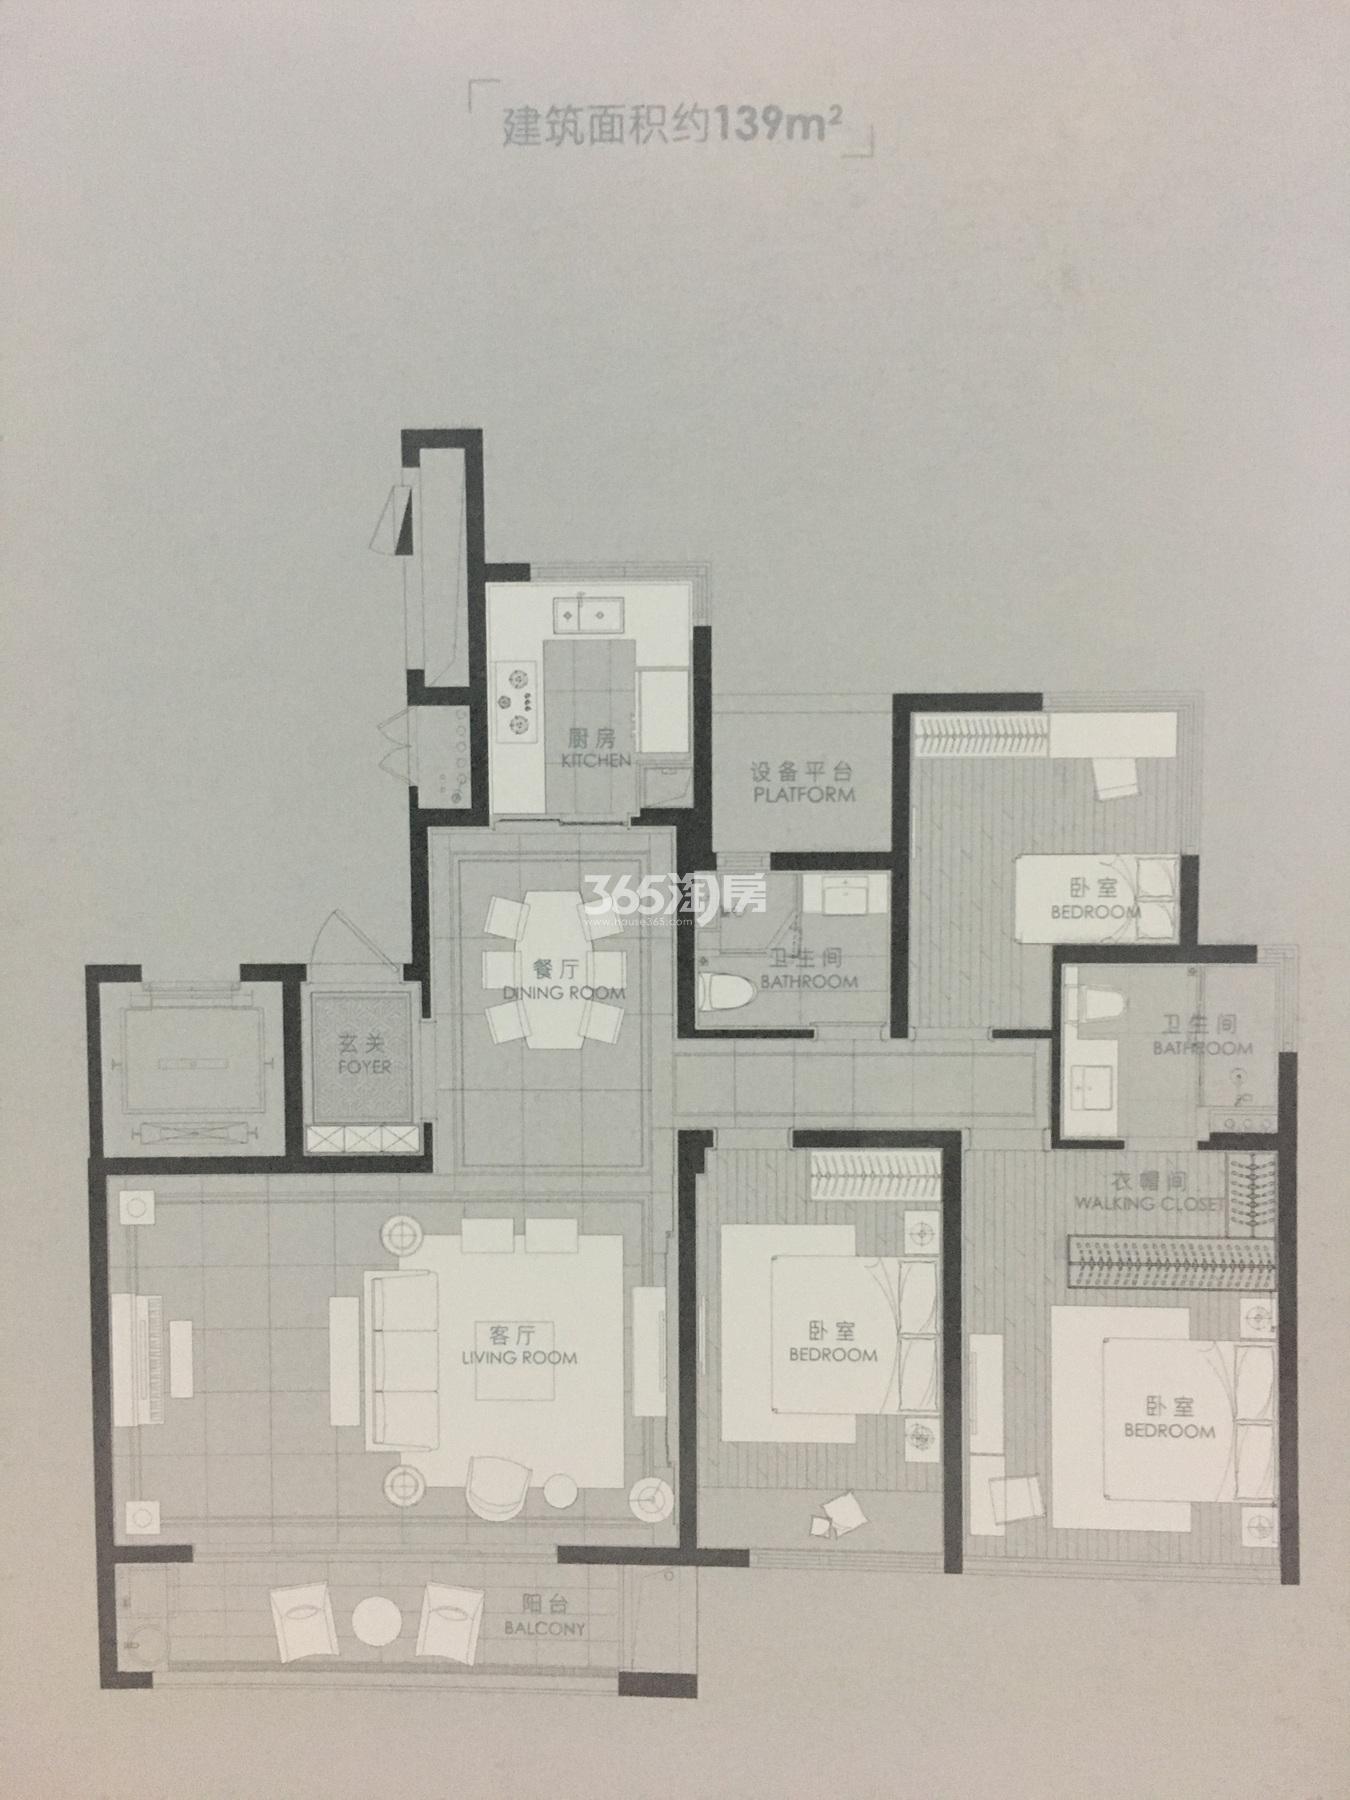 融信公馆ARC项目4号楼139㎡户型